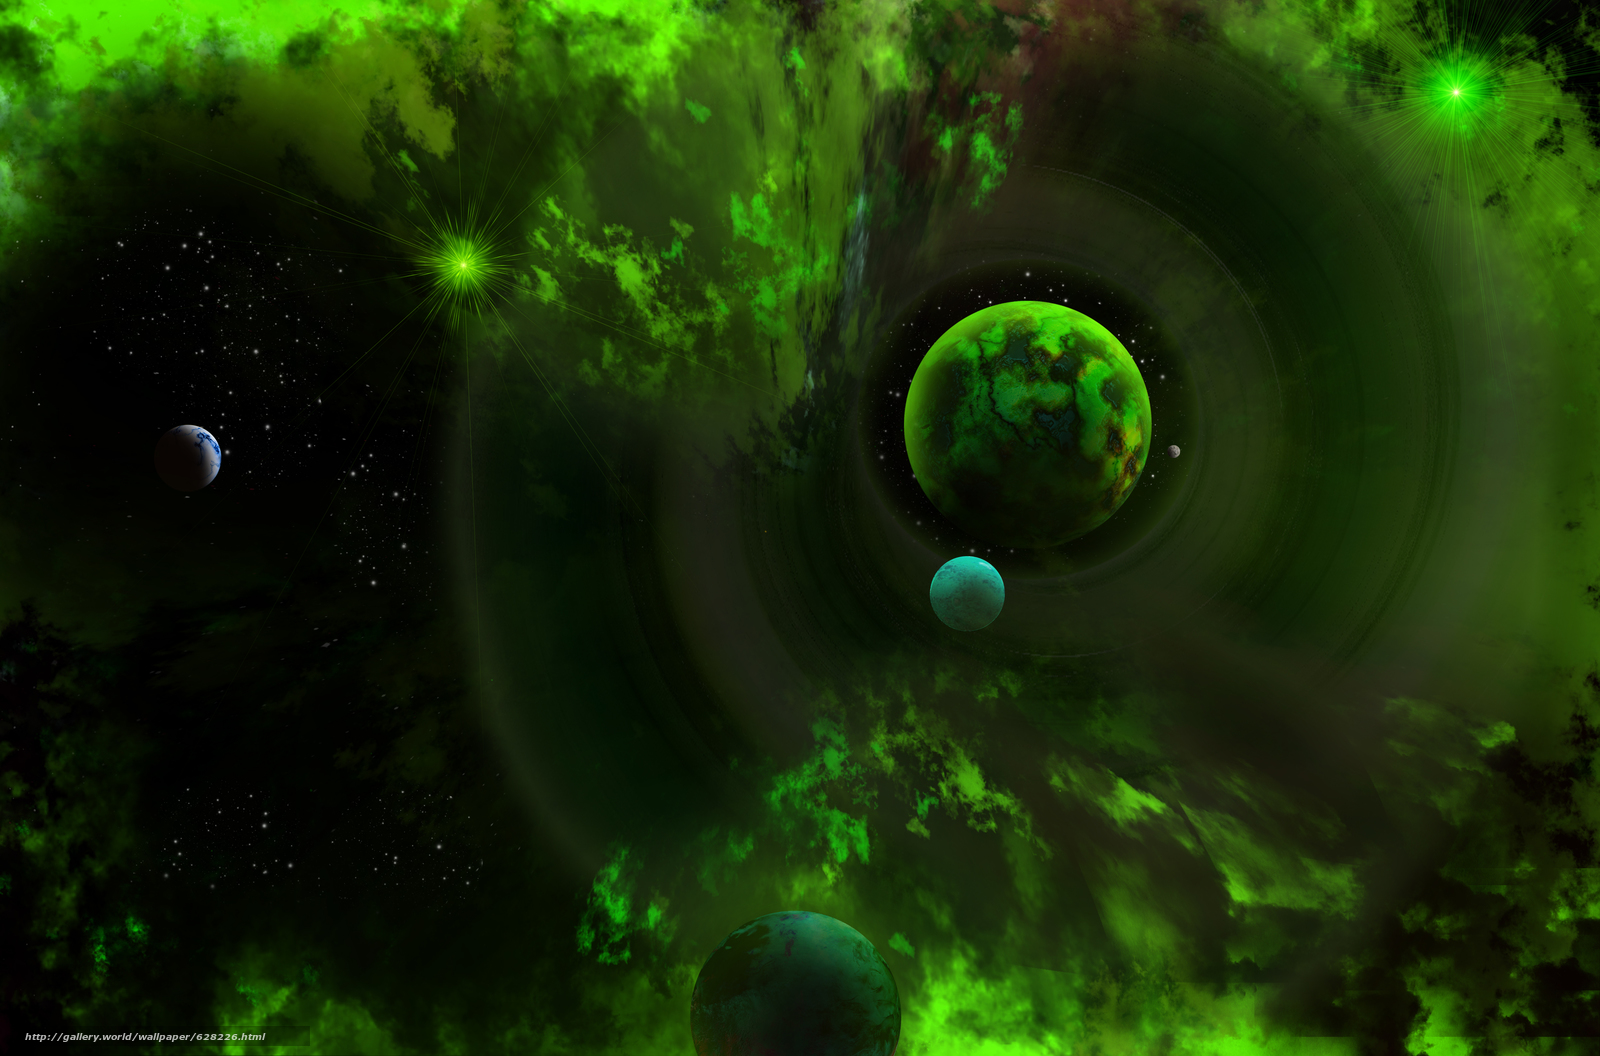 Скачать на телефон обои фото картинку на тему космос, 3d, art, разширение 5000x3300